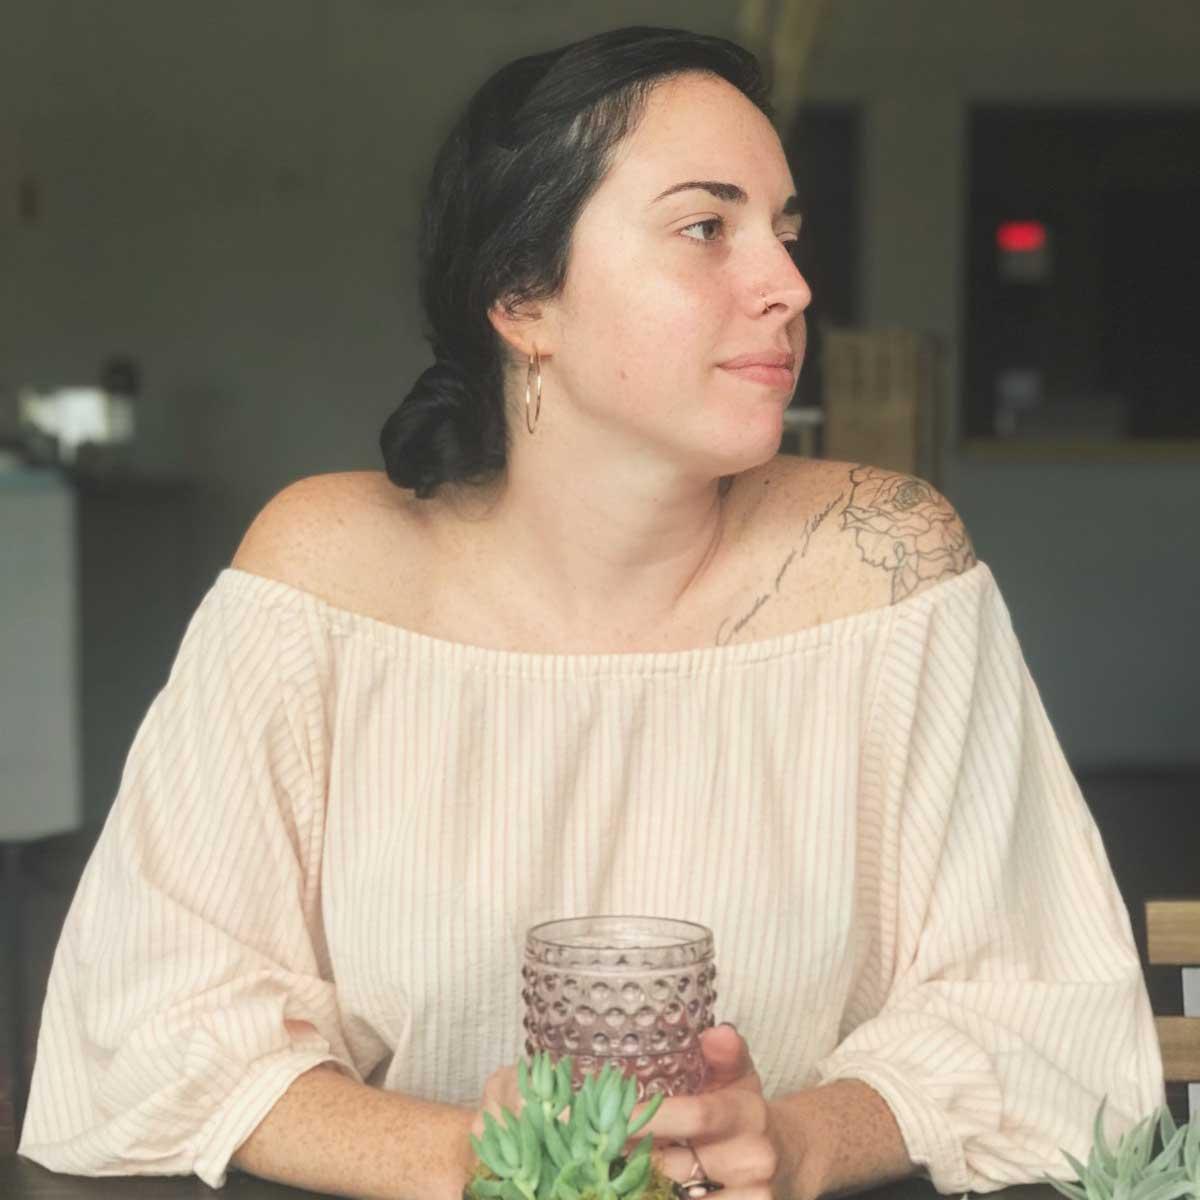 Samantha Boesch